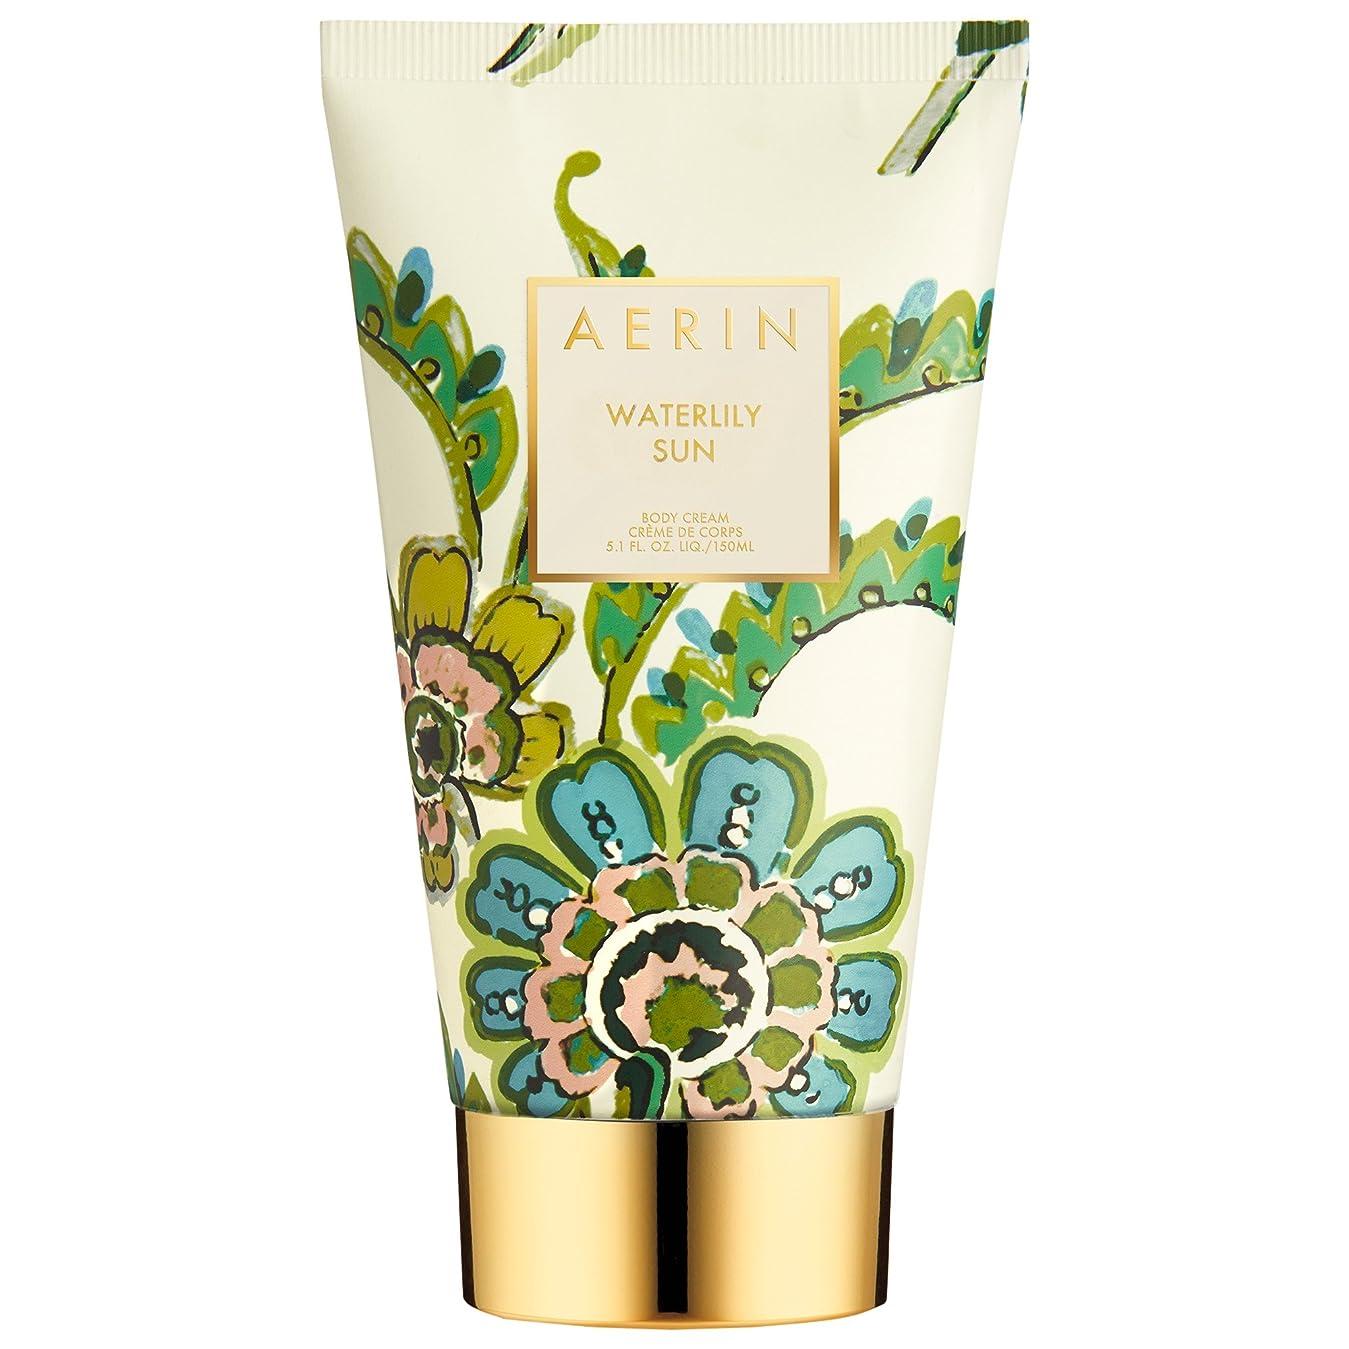 台風フィルタ透けるAerinスイレン日ボディクリーム150ミリリットル (AERIN) (x6) - AERIN Waterlily Sun Body Cream 150ml (Pack of 6) [並行輸入品]